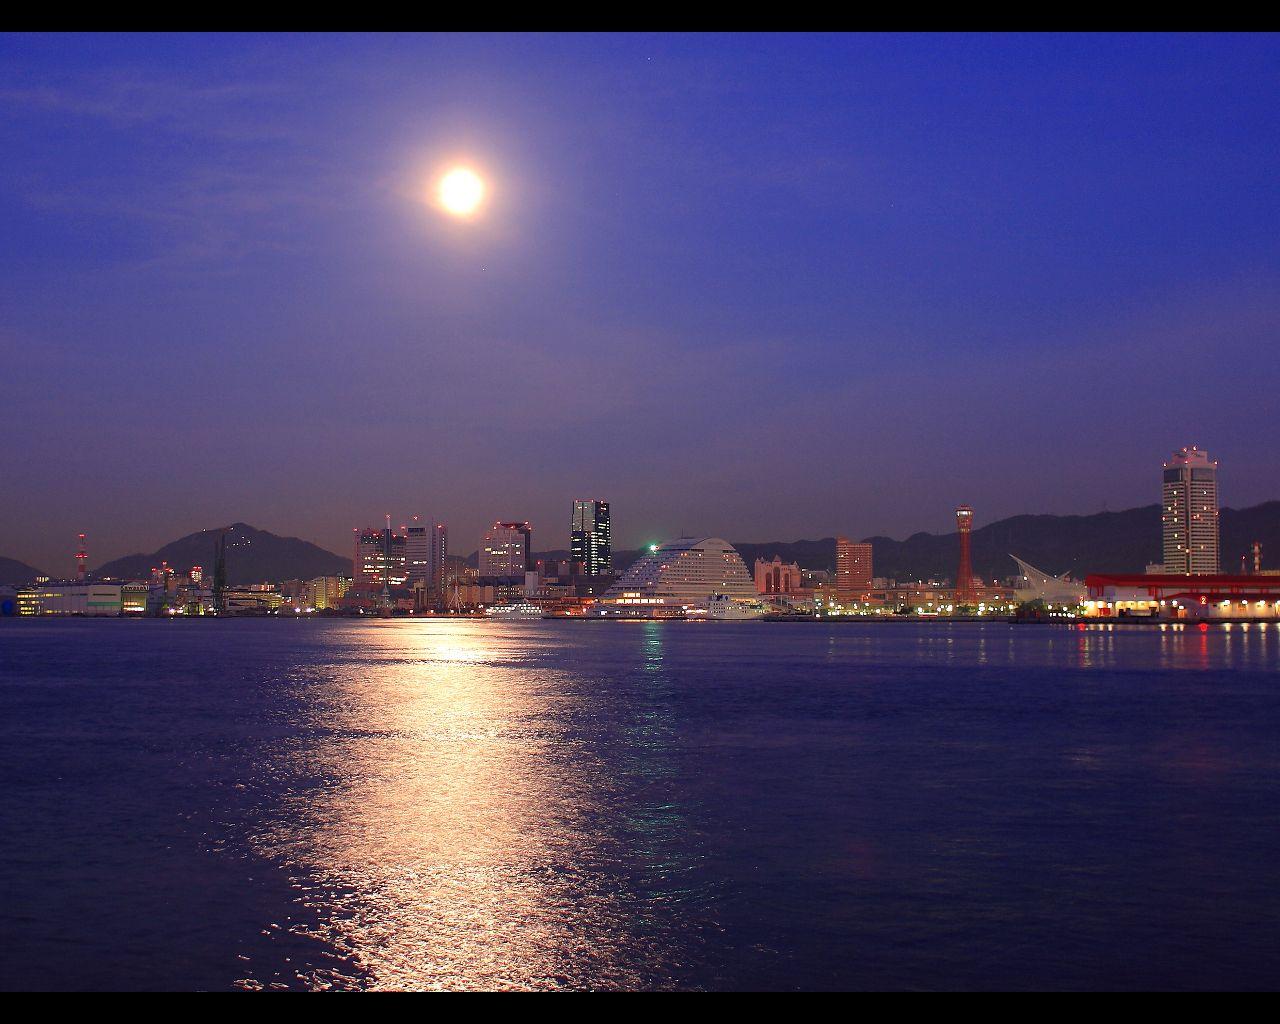 月光 神戸港にて Hazy Moon S Blog 夜景壁紙 Com 夜景の画像